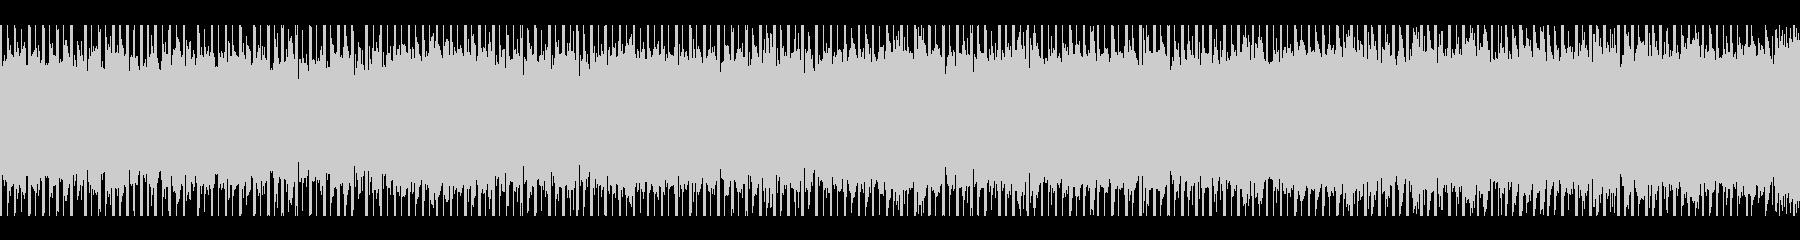 やる気(ループ)の未再生の波形